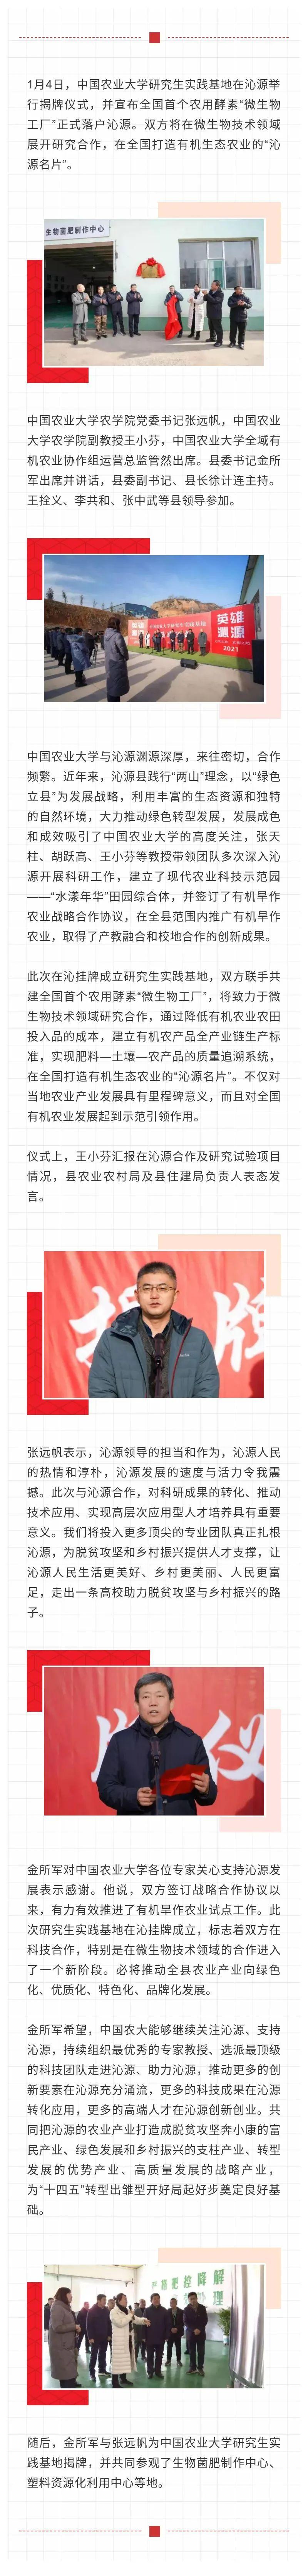 """中国农大与沁源联手建立""""微生物工厂""""图片"""